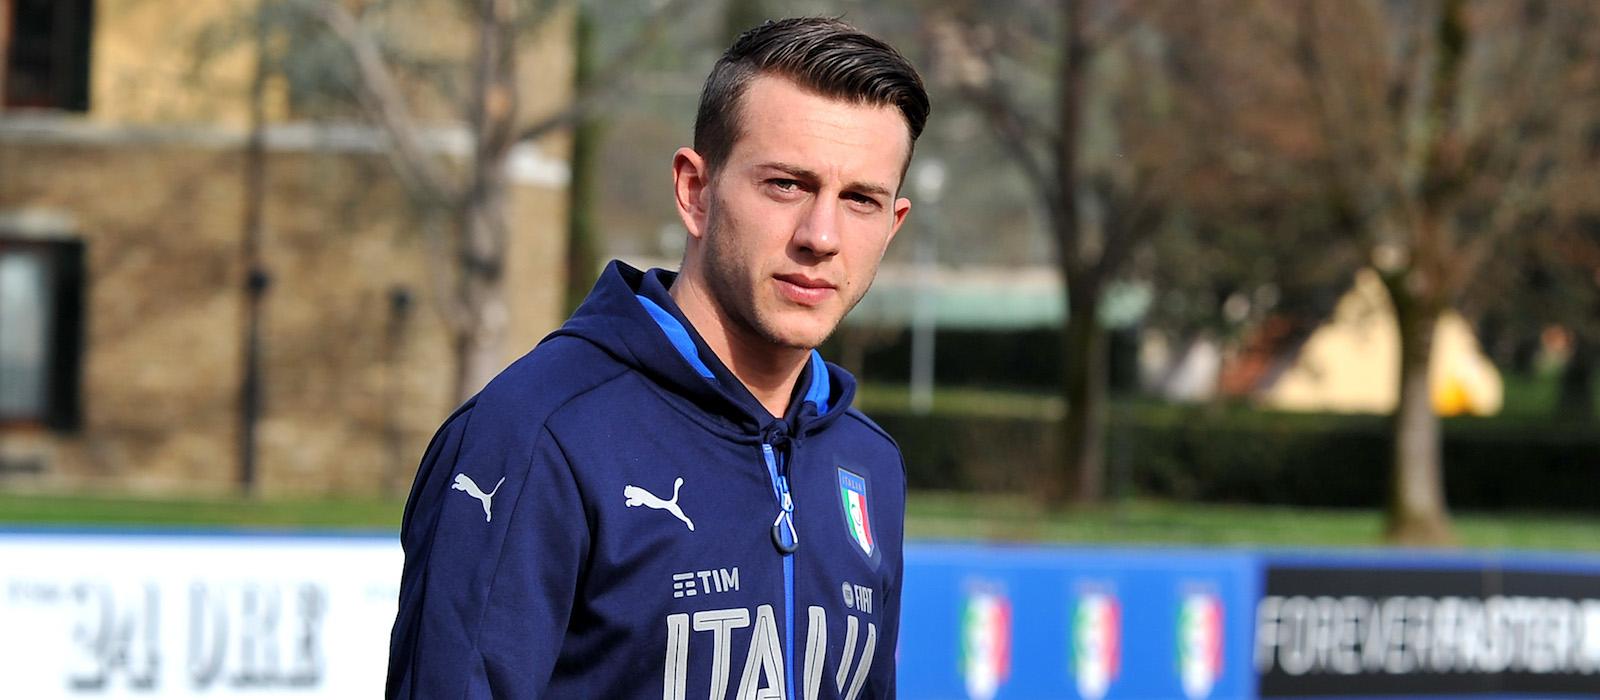 confirm Man United tar Federico Bernardeschi requested a transfer